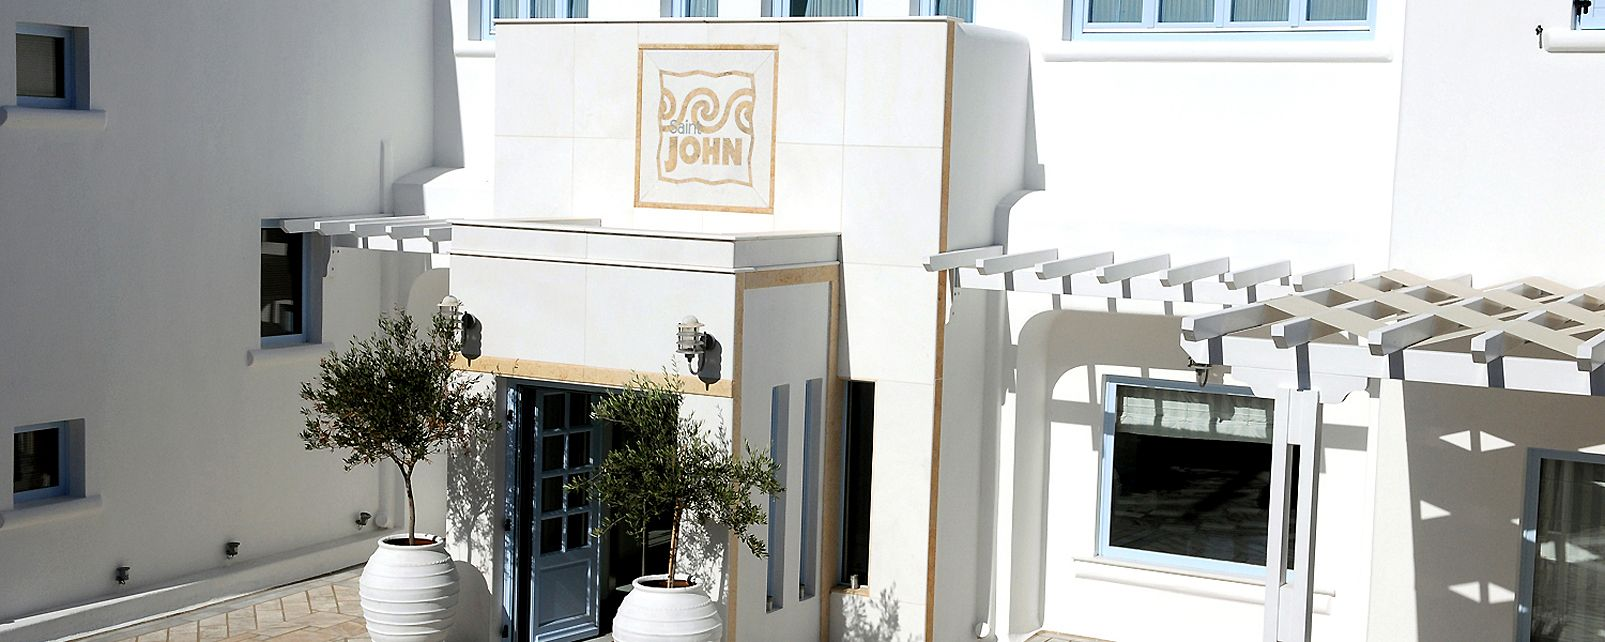 Hotel St John Mykonos